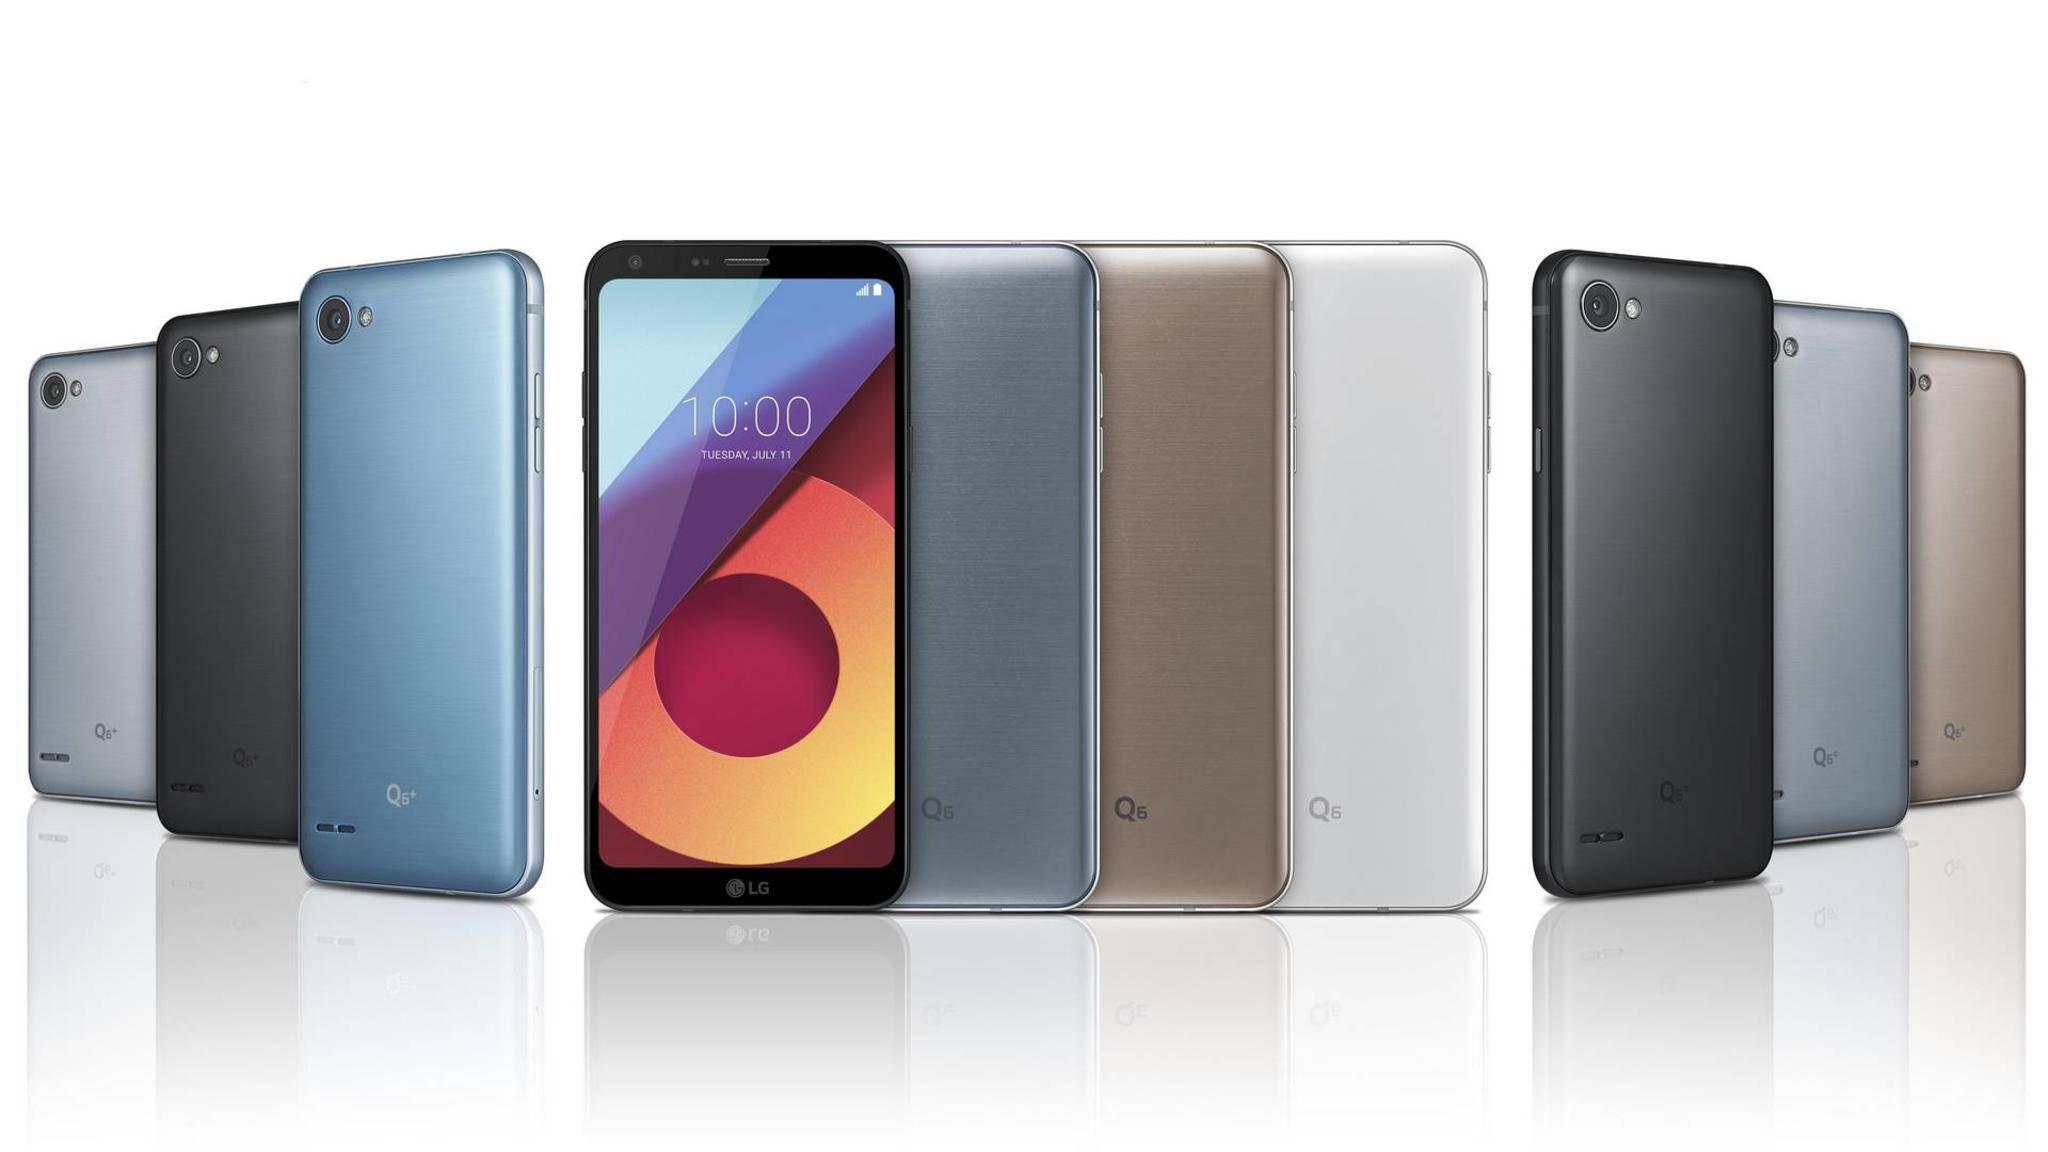 Wie schlägt sich das neue LG Q6 im Vergleich zum Galaxy A5 (2017)?